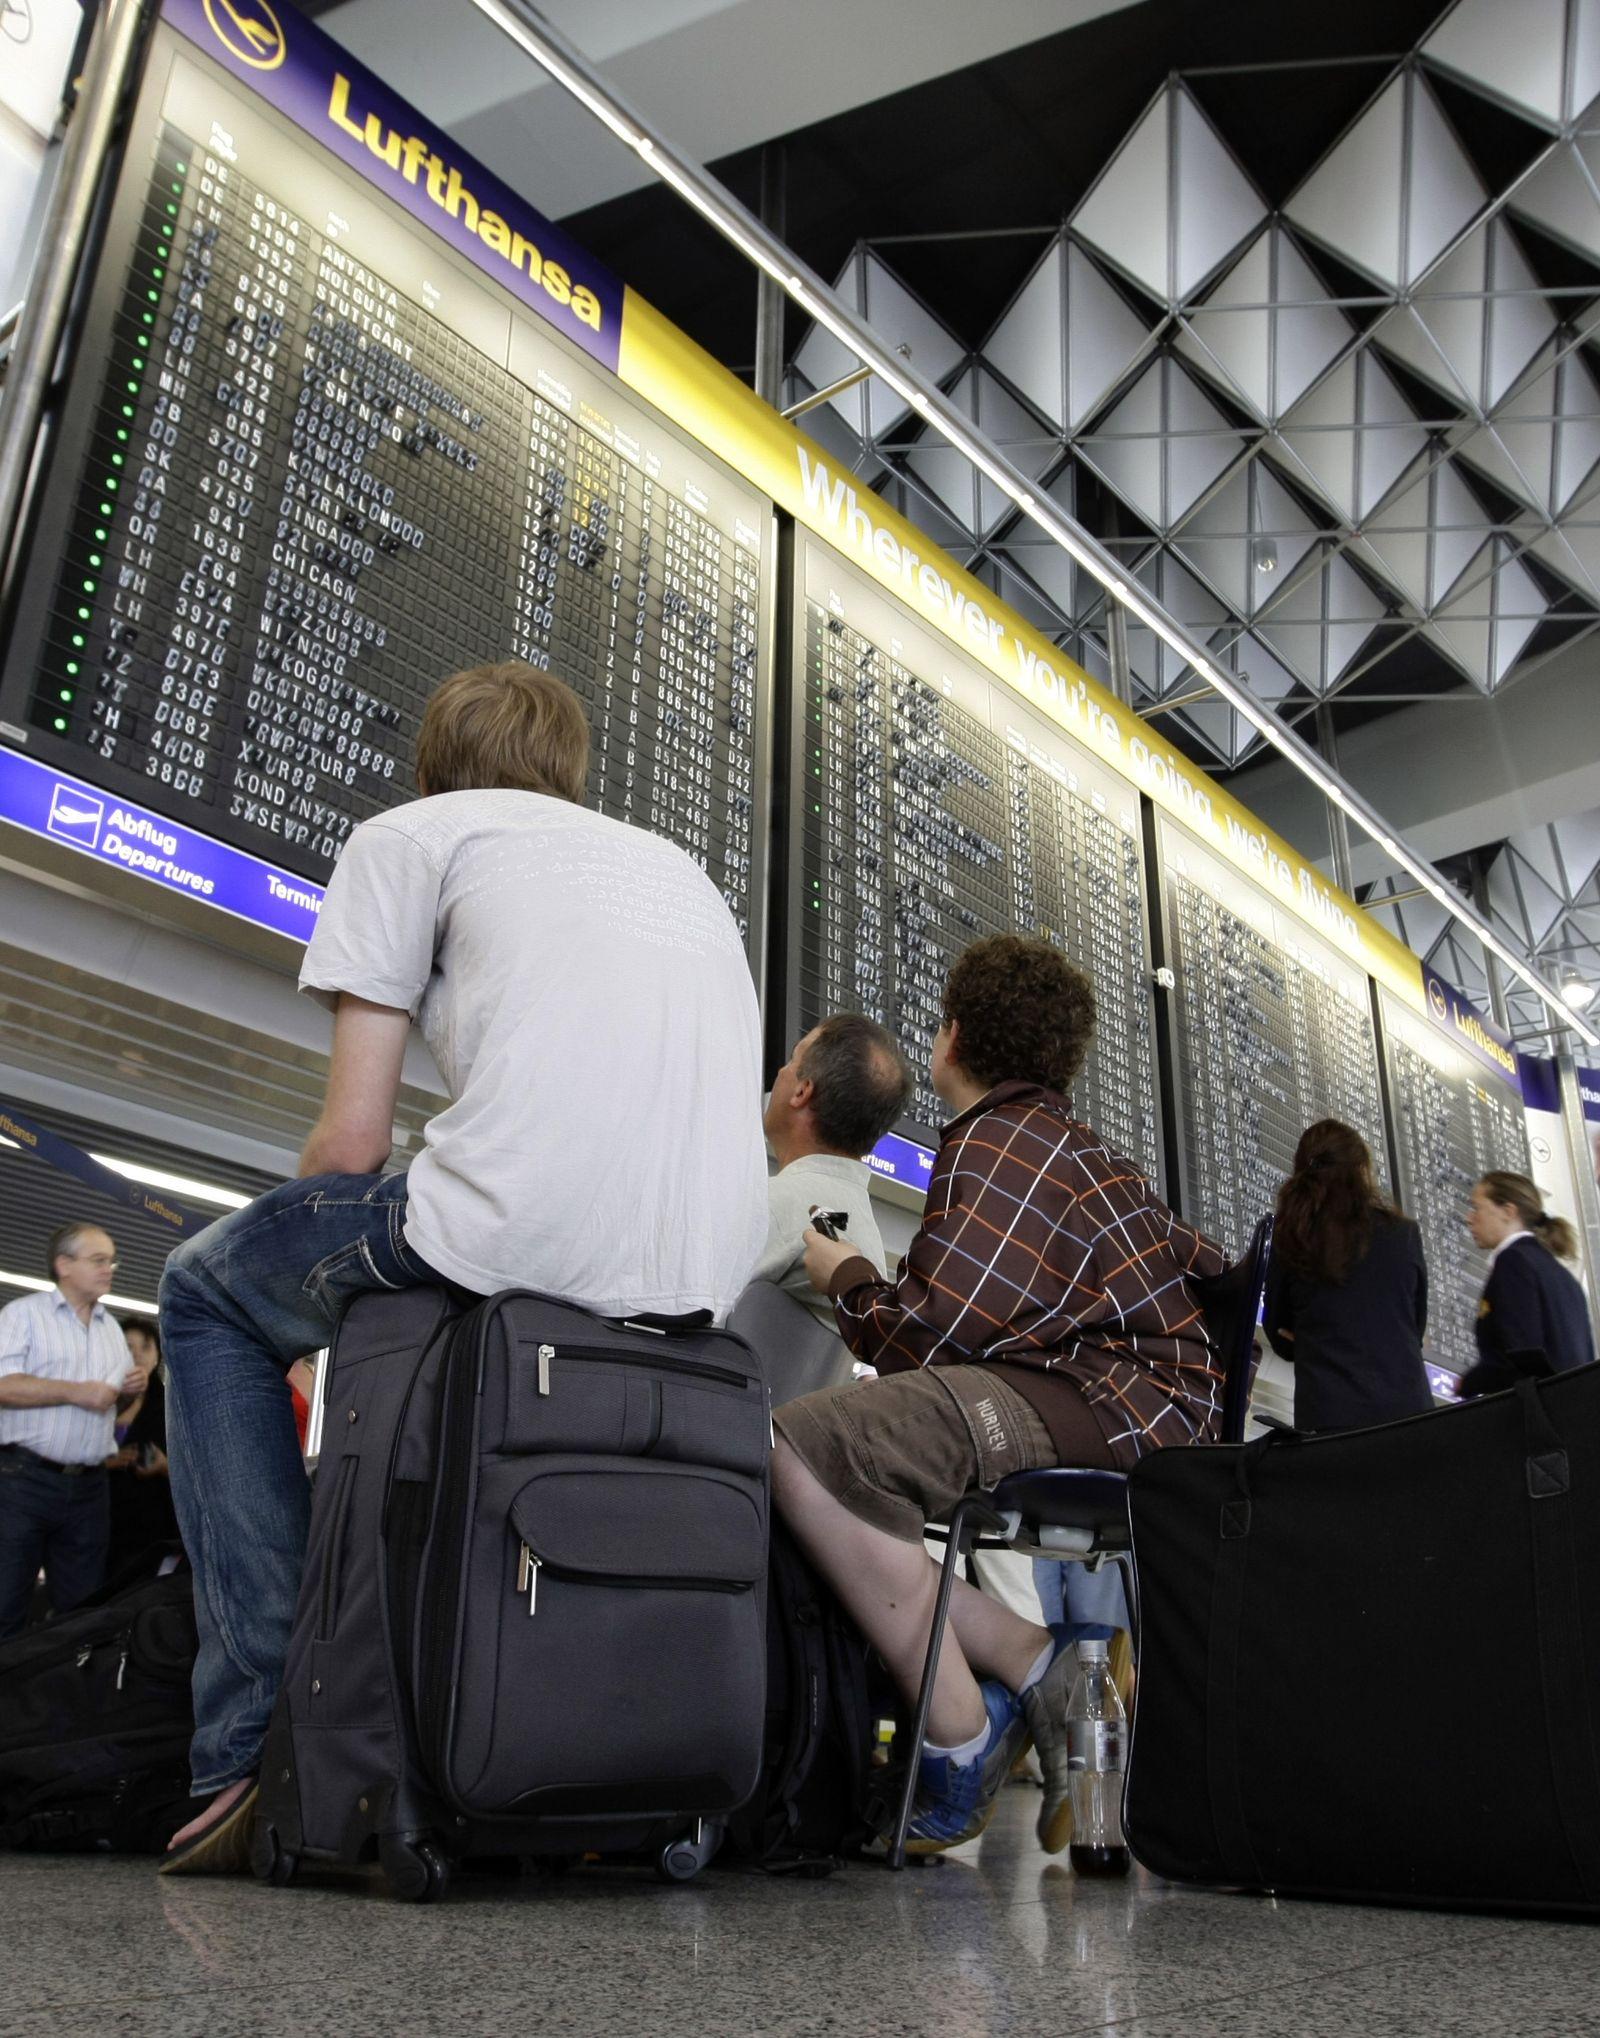 Flughafen / Lufthansa / Streik